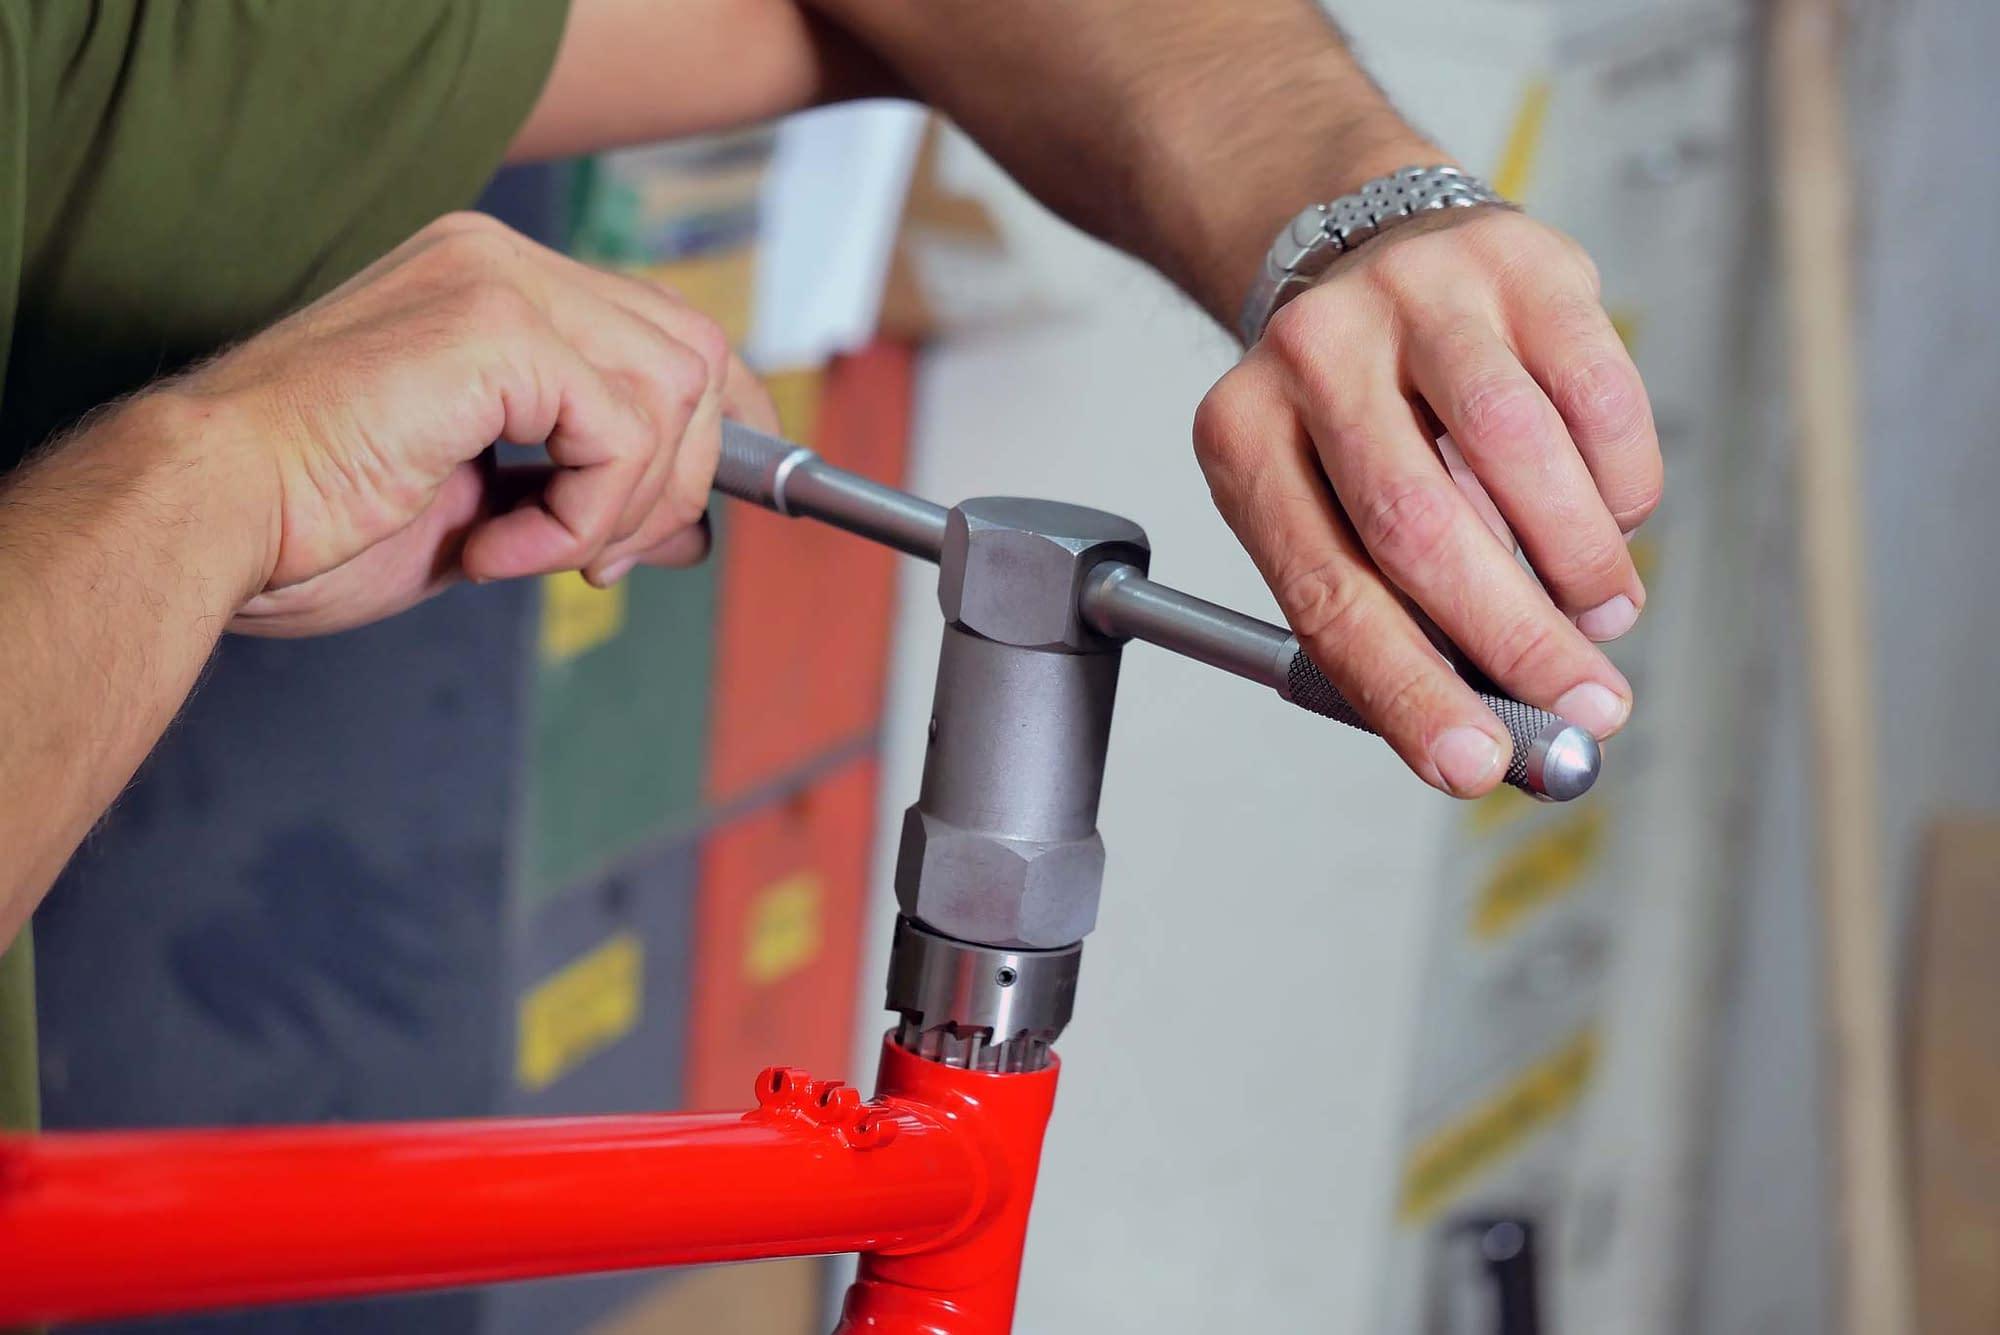 Hand Drehung - BIKESHOP Custom bikes - Auftragsfahrrad nach Kundenwunsch